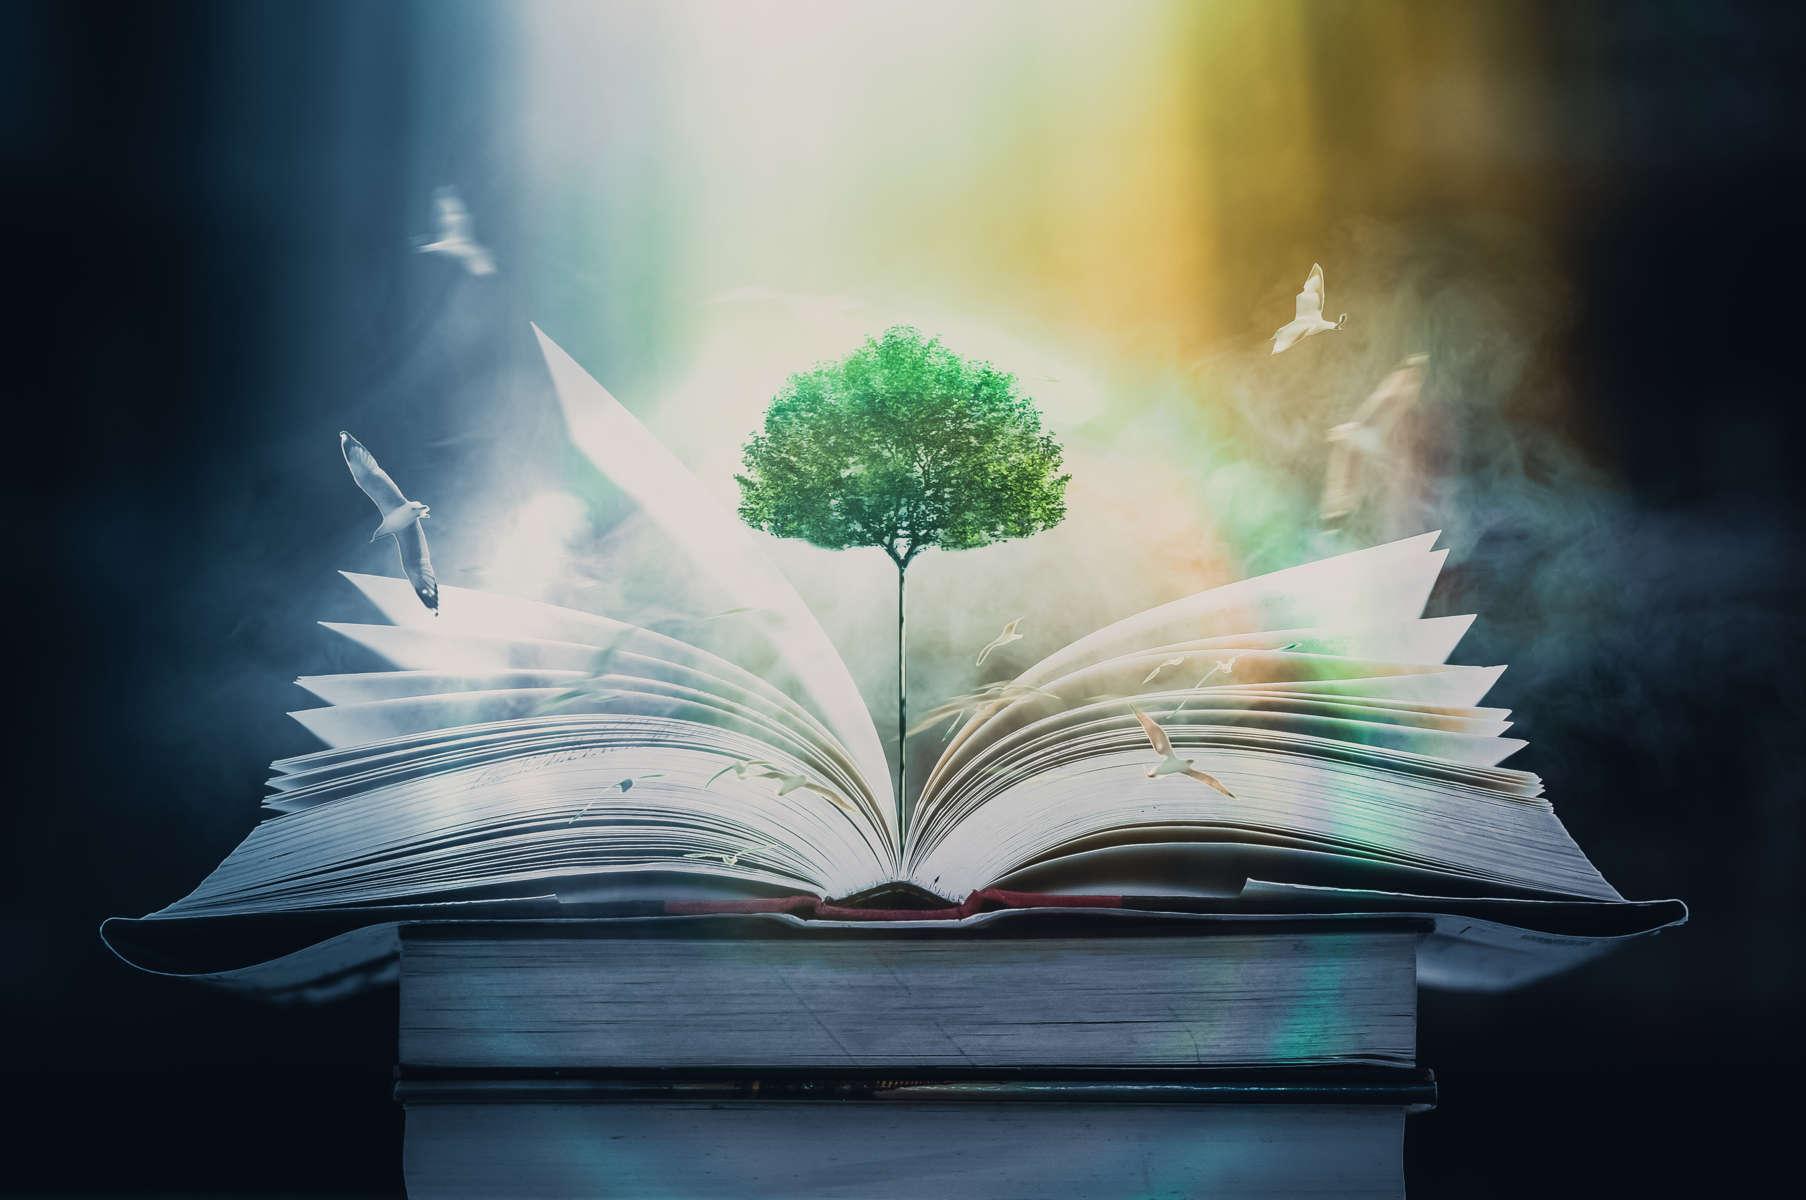 La literatura, un buen medio para concienciar a las empresas sobre la necesidad de apostar por el cuidado del medio ambiente